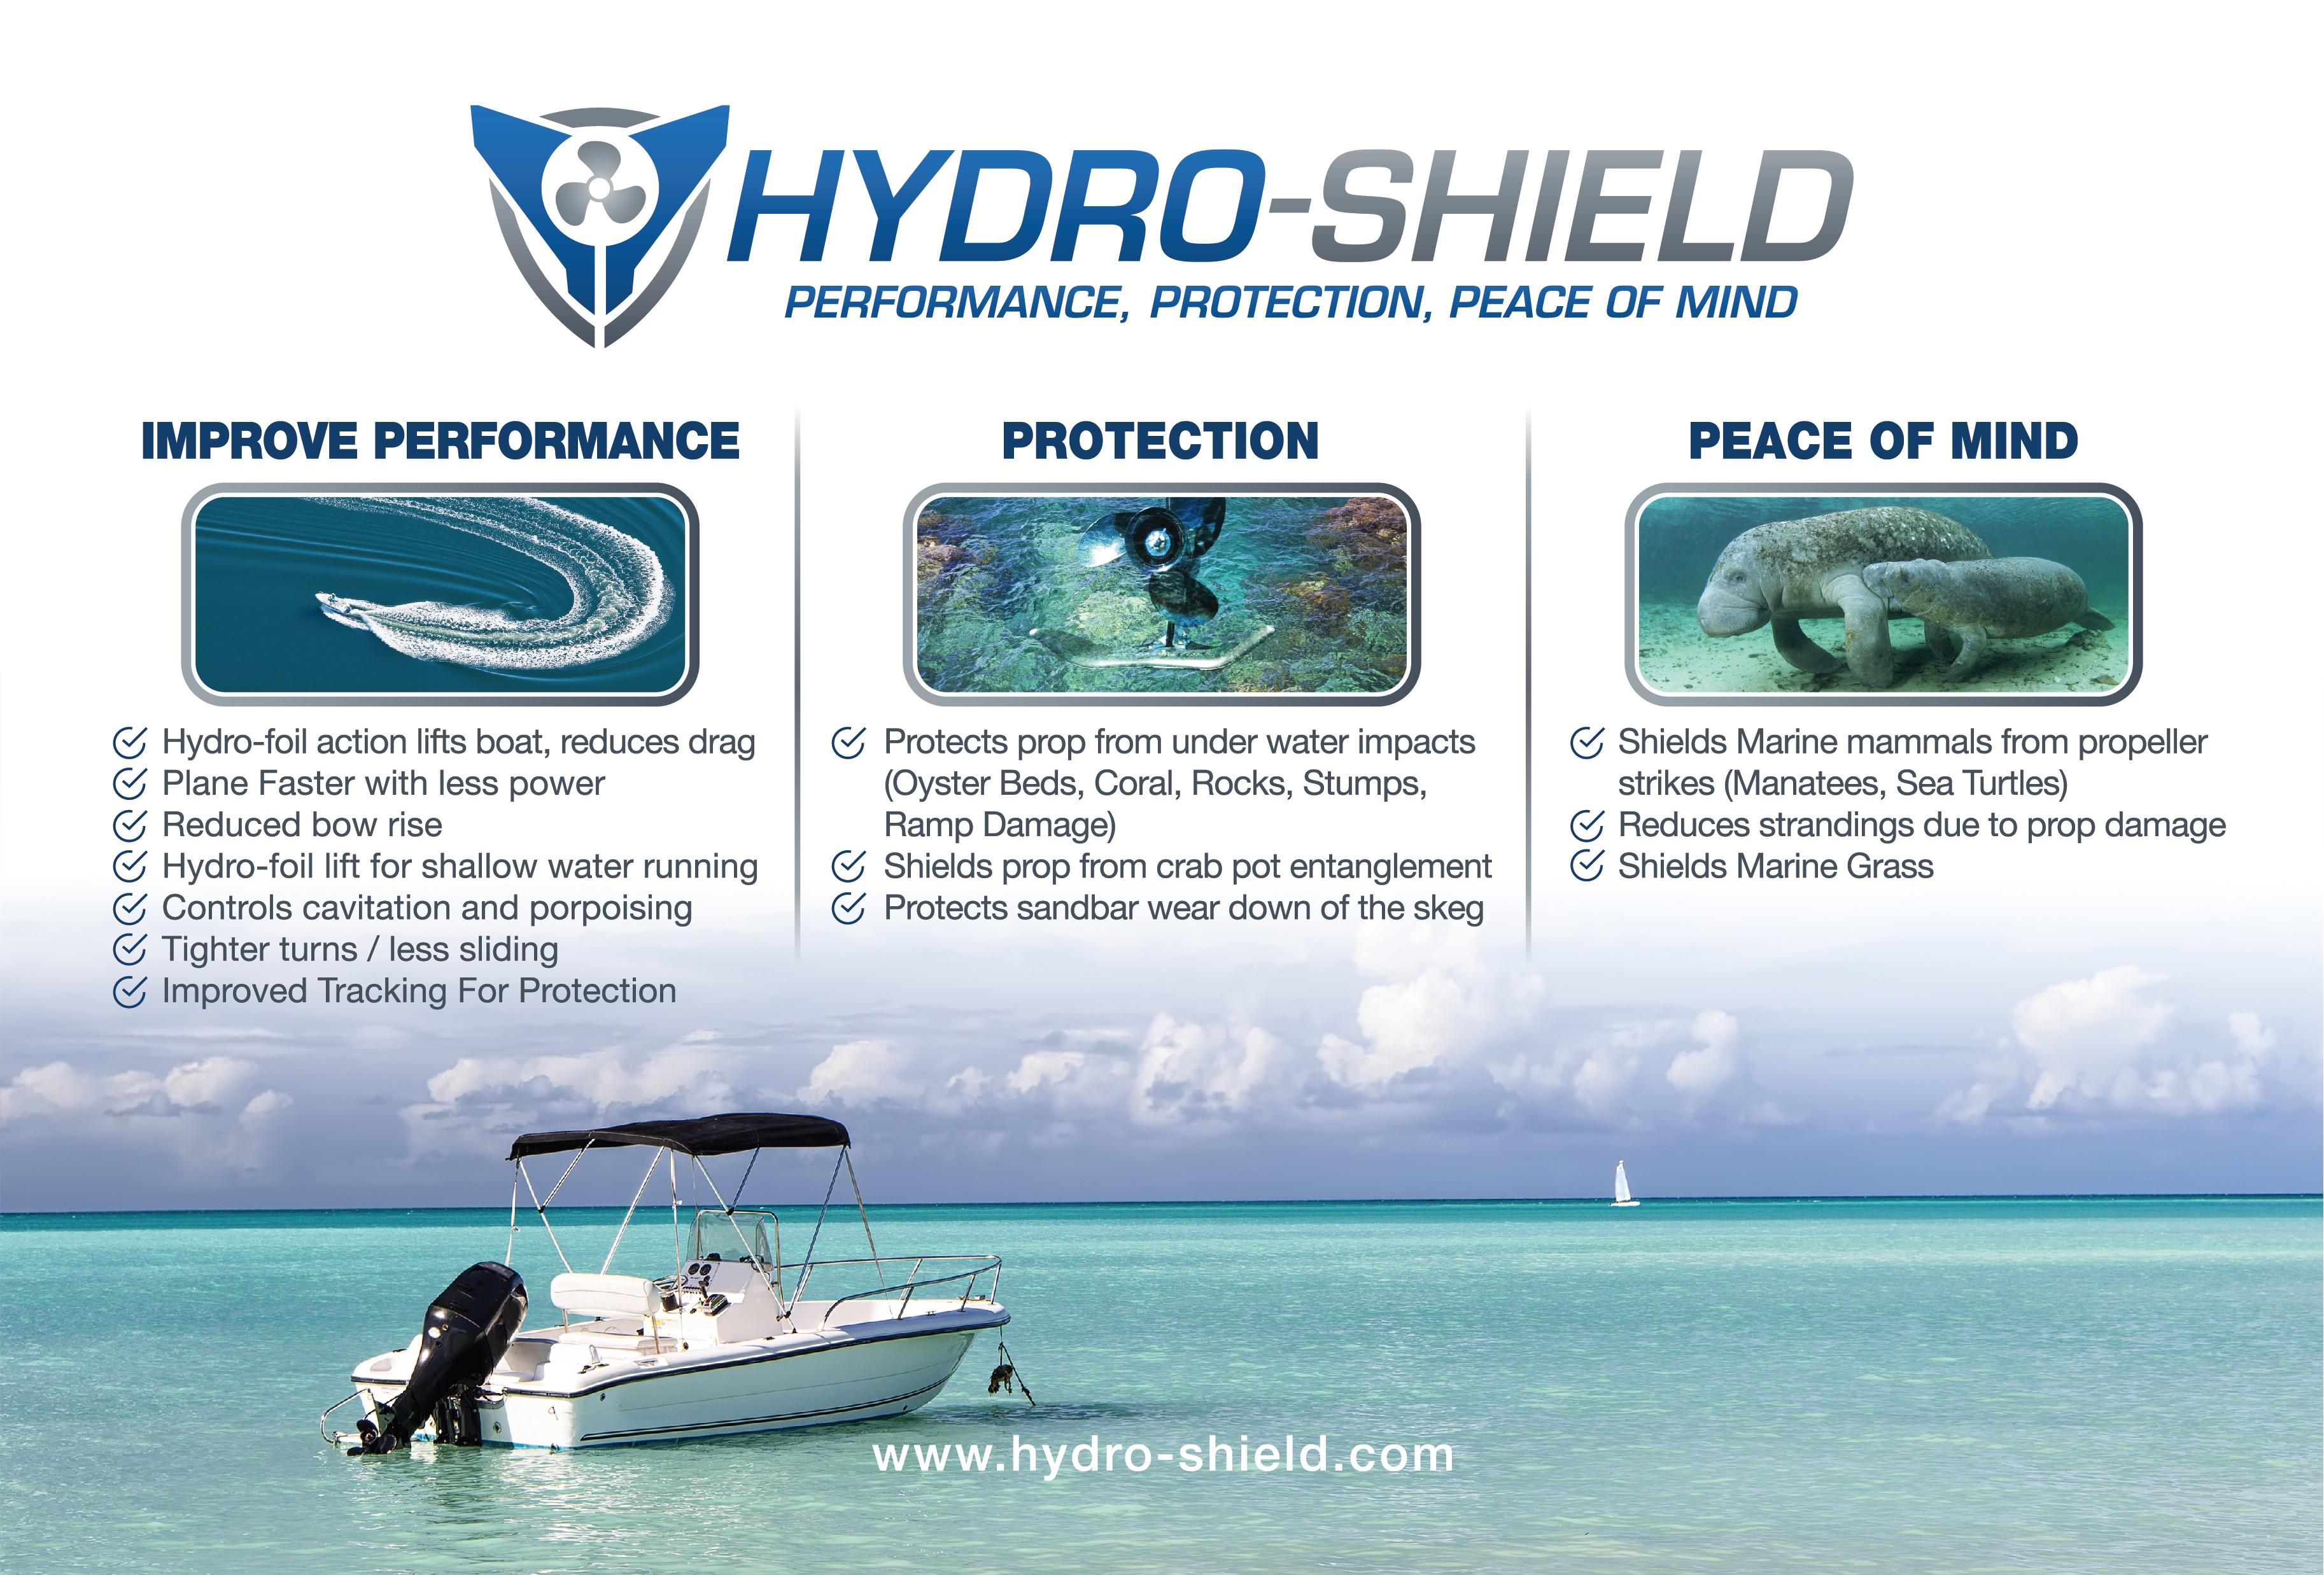 Hydro-Shield Tradeshow Backdrop Design